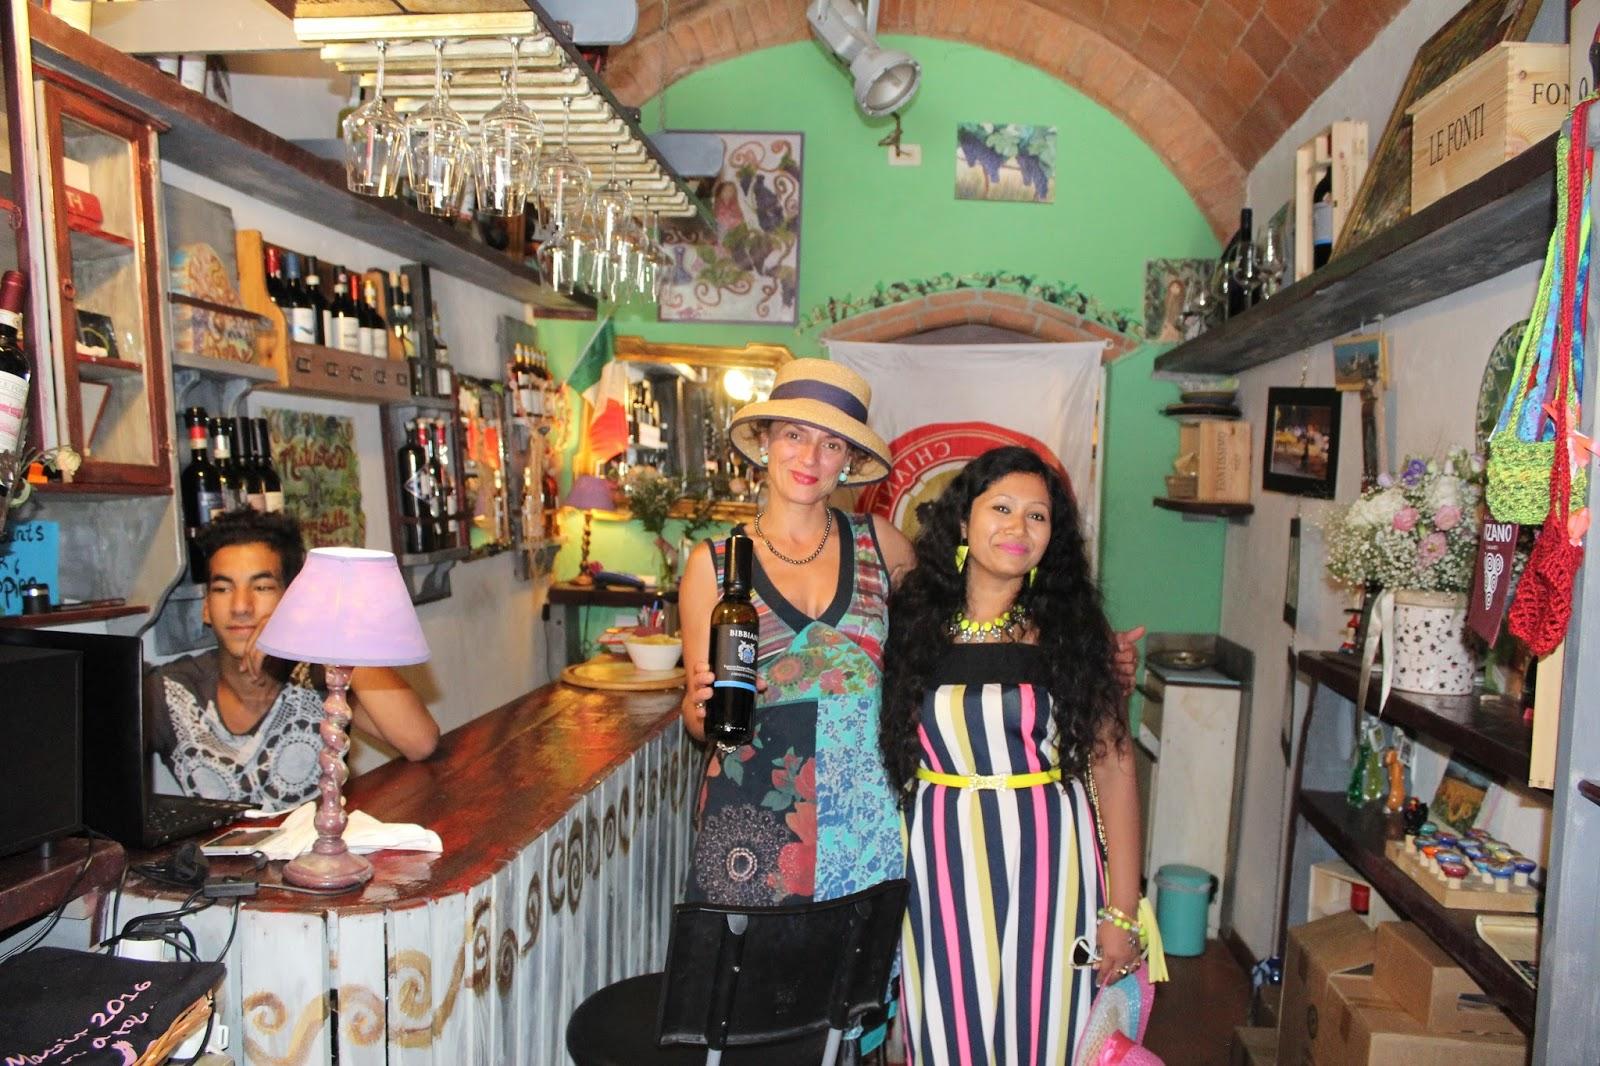 panazano italy wine festival